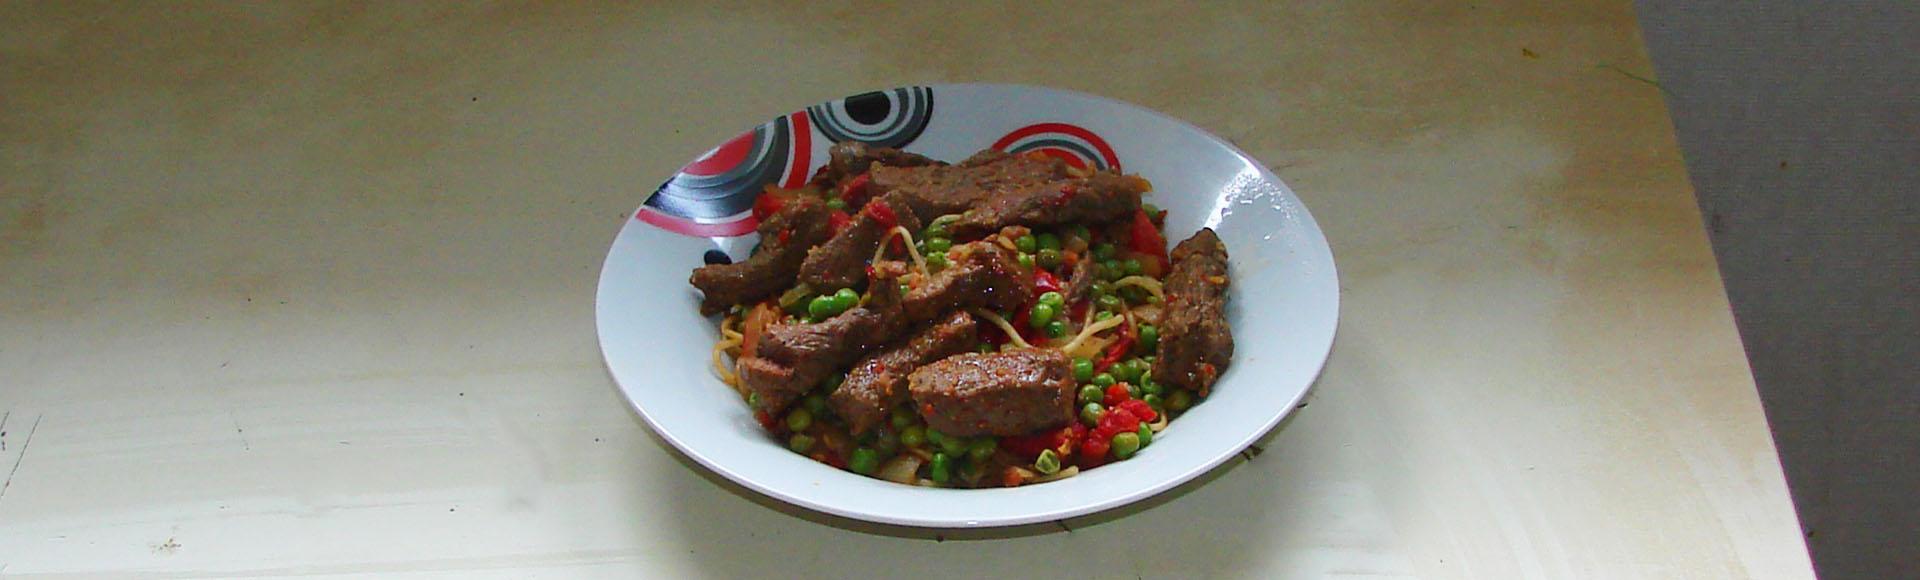 Nouilles chinoises sautées au boeuf, poivrons grillés et petits pois